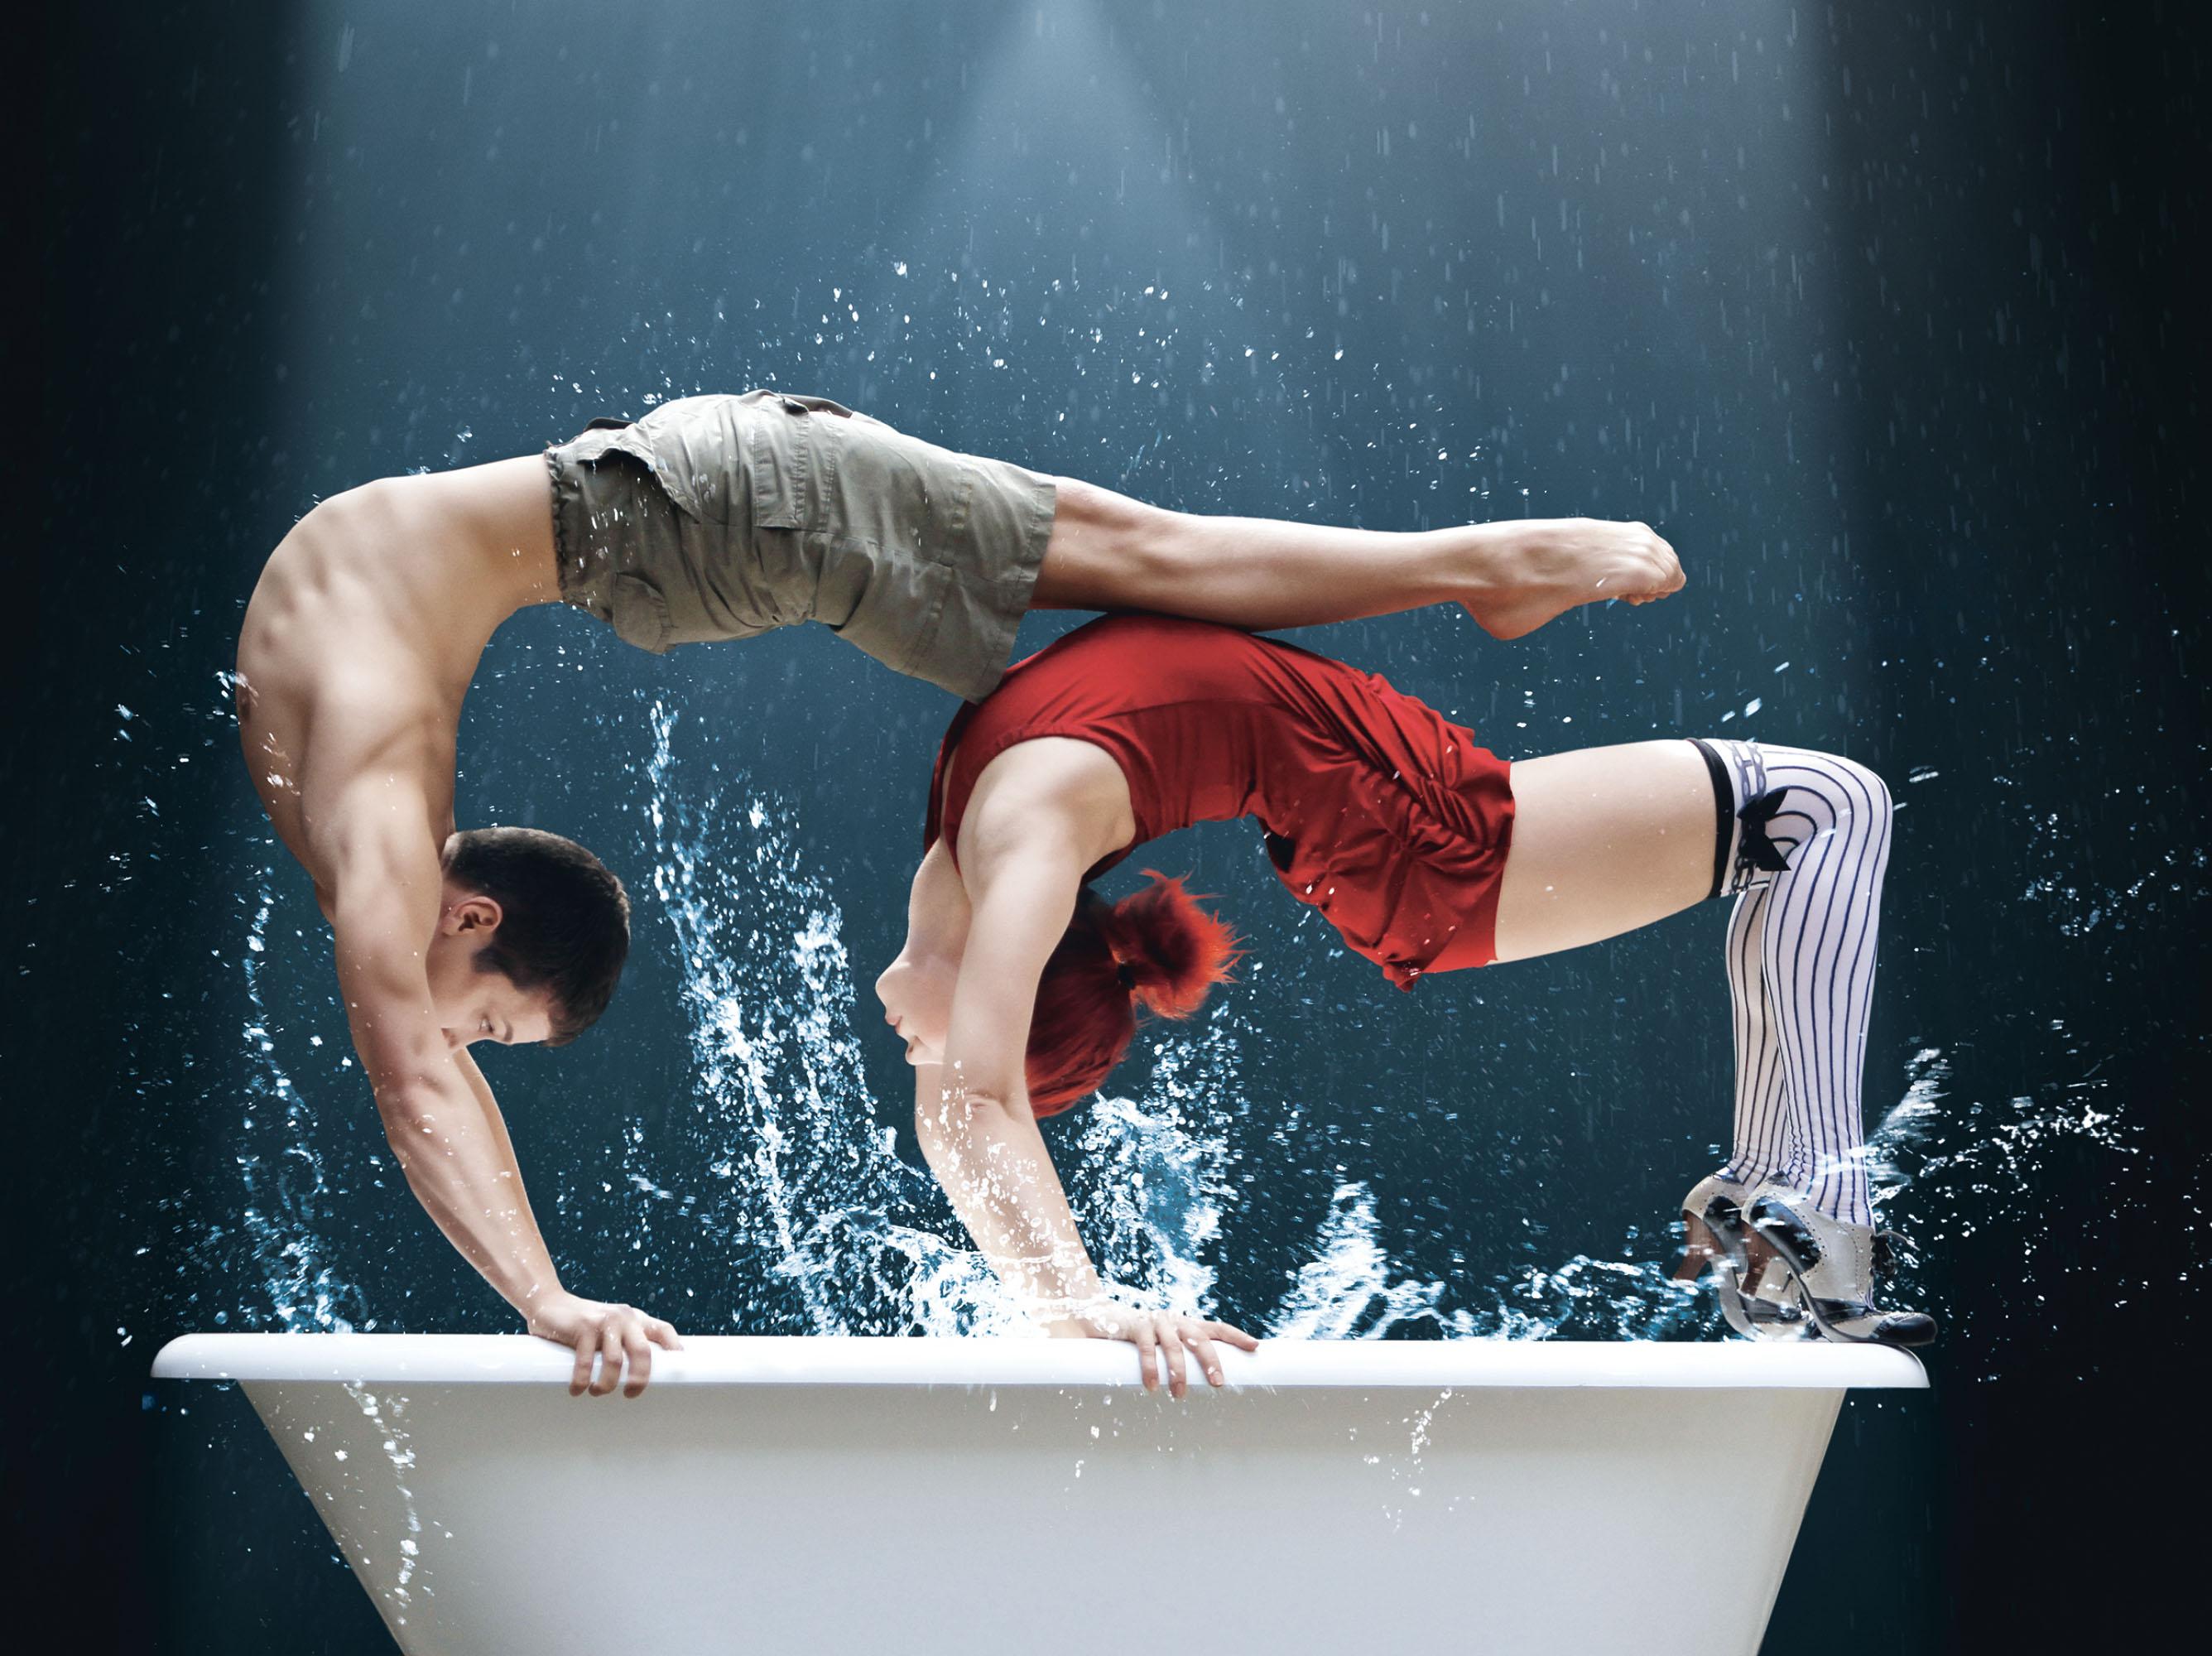 Скоро в Тель-Авиве: уникальное шоу Soap из Берлина